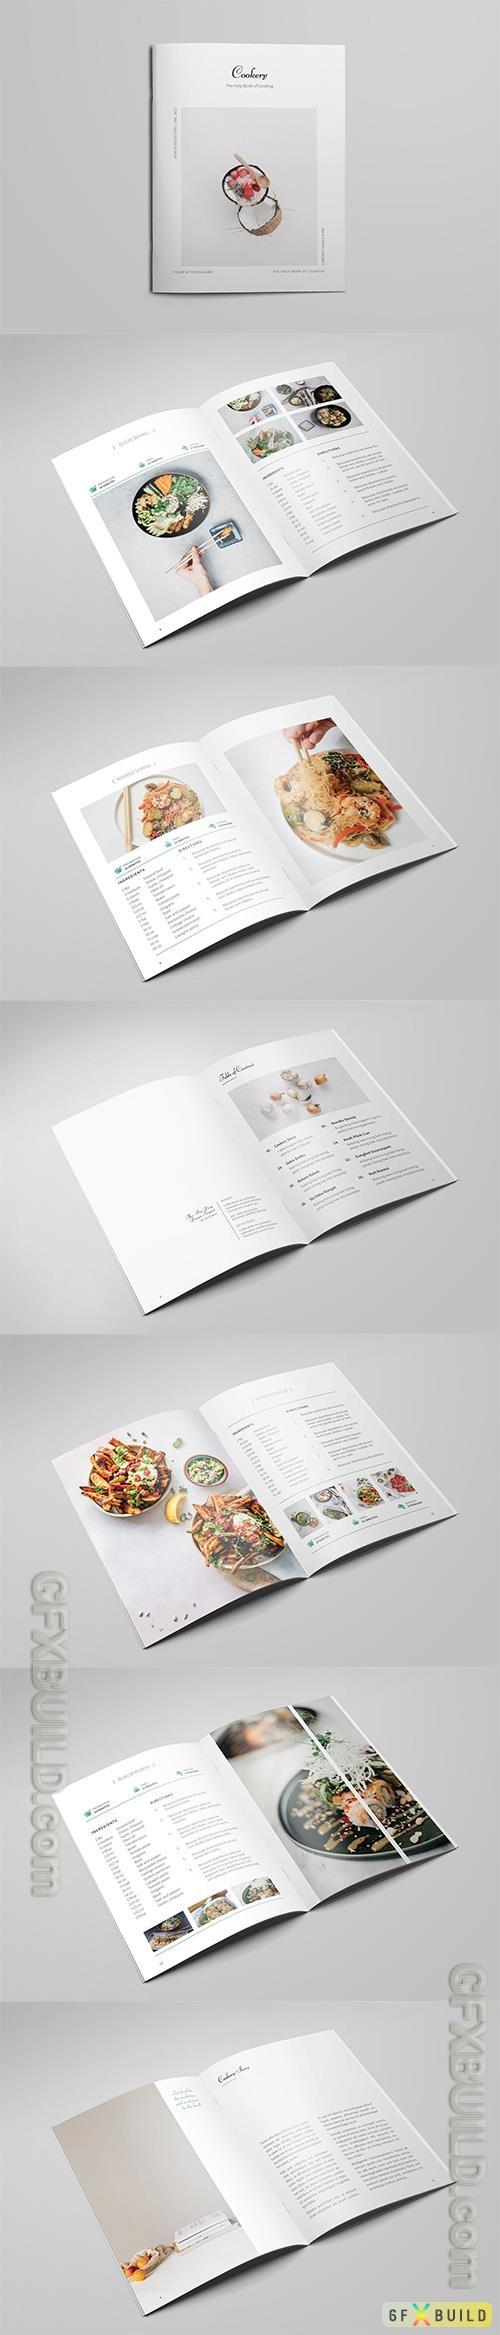 A5 Recipe Book II